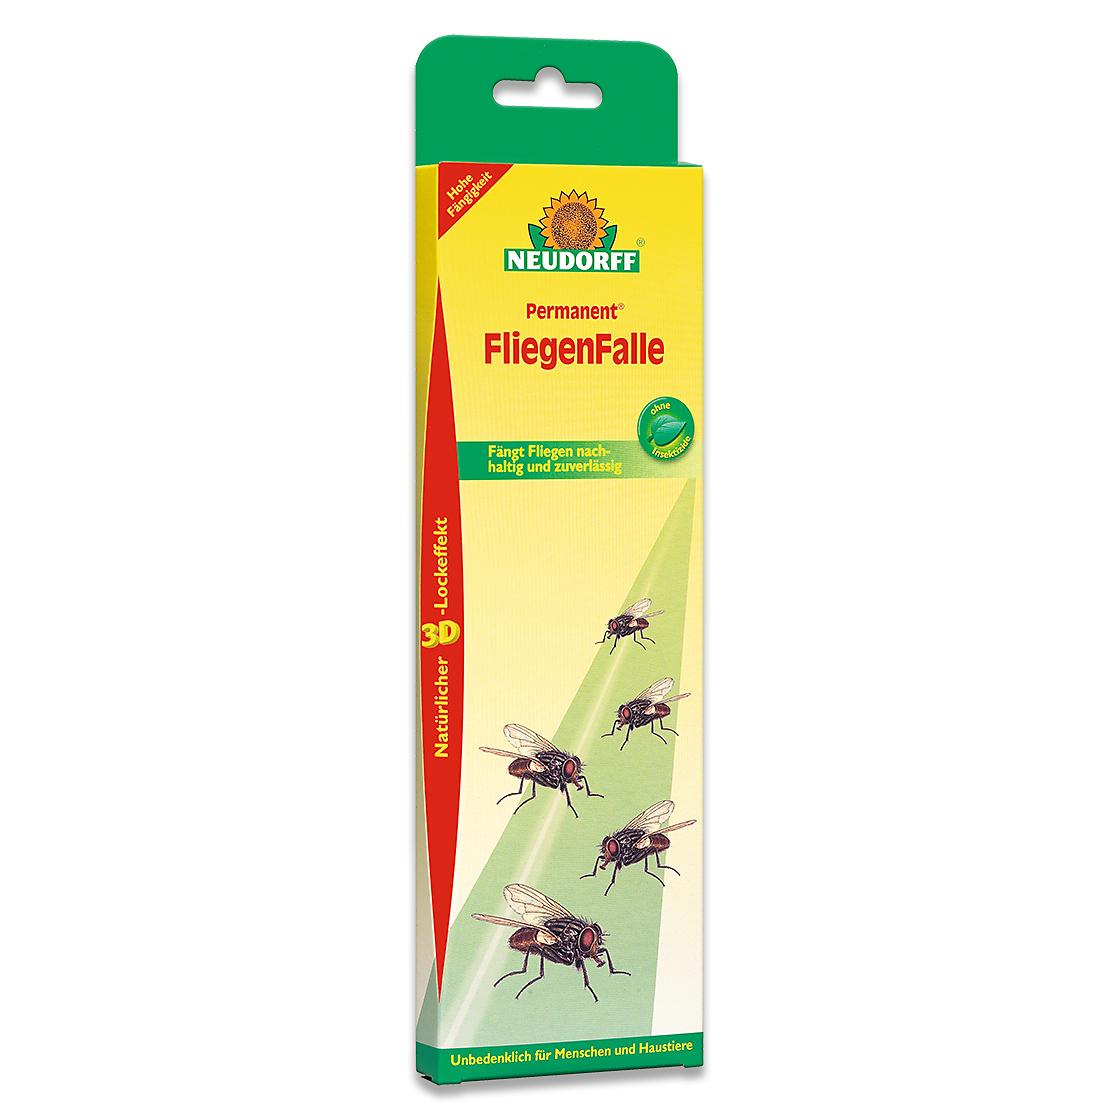 Neudorff permanent fliegenfalle fliegenmittel for Mittel gegen fliegen im blumentopf